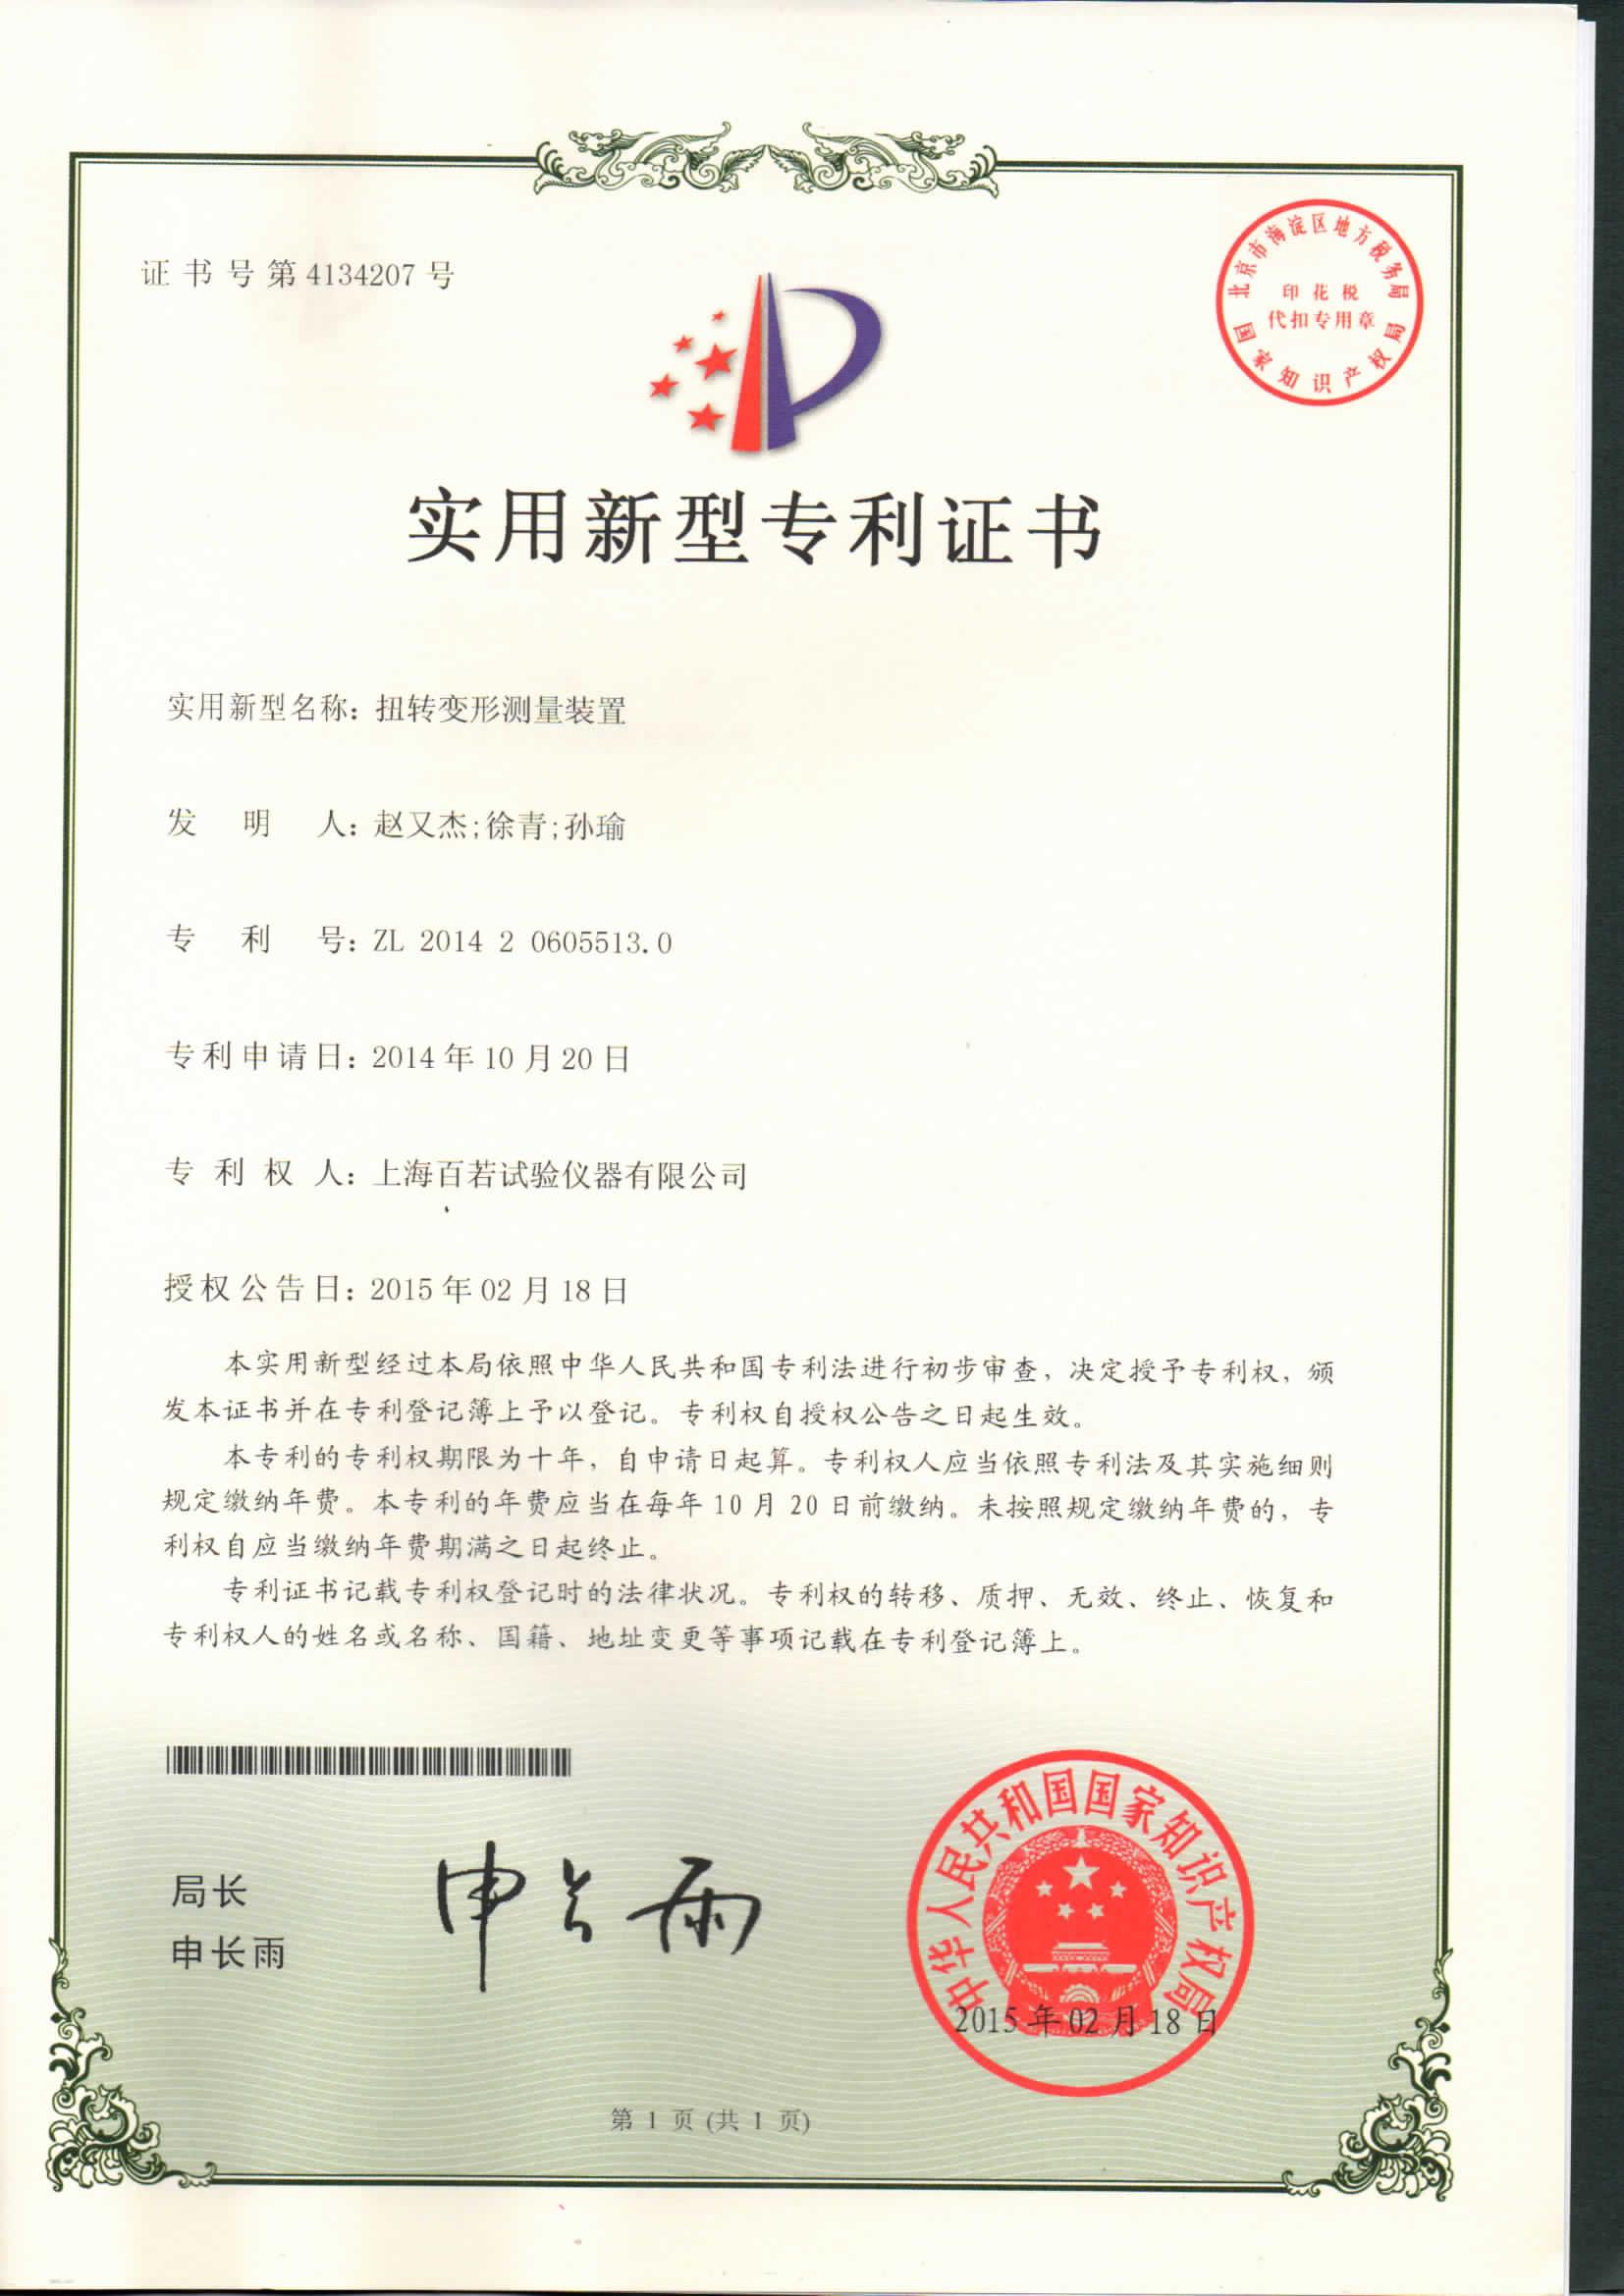 专利证书-扭转变形测量装置